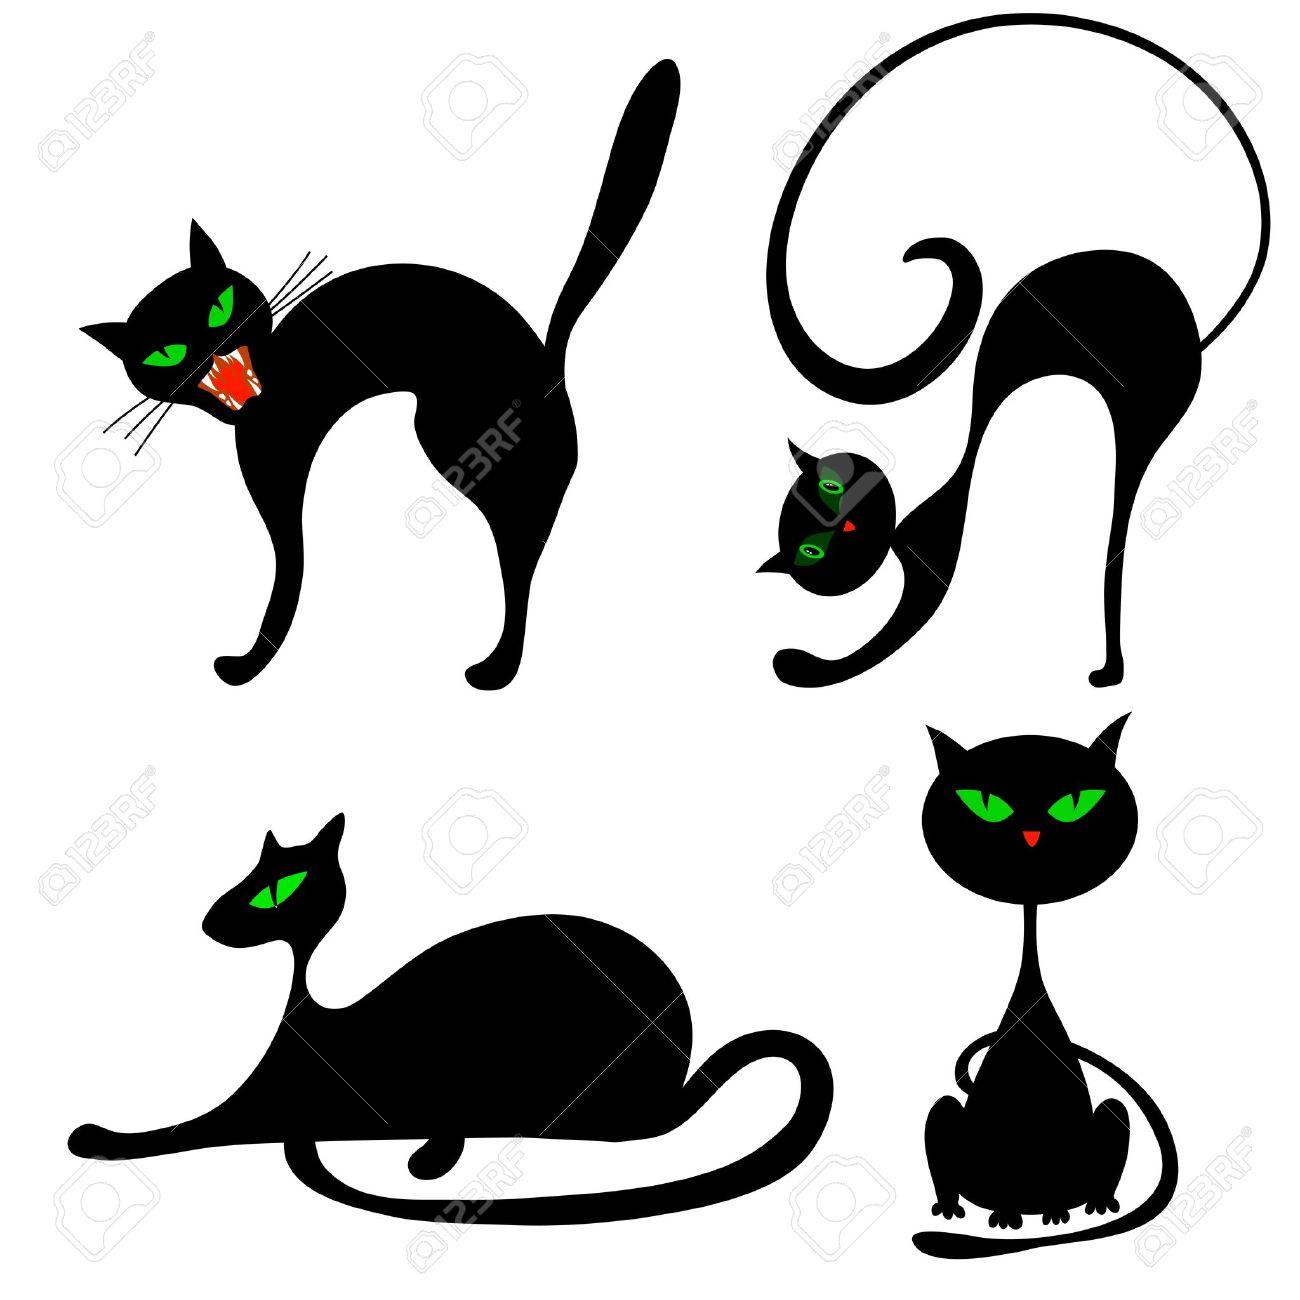 Juego De Halloween Gato Negro Con Los Ojos Verdes Vector